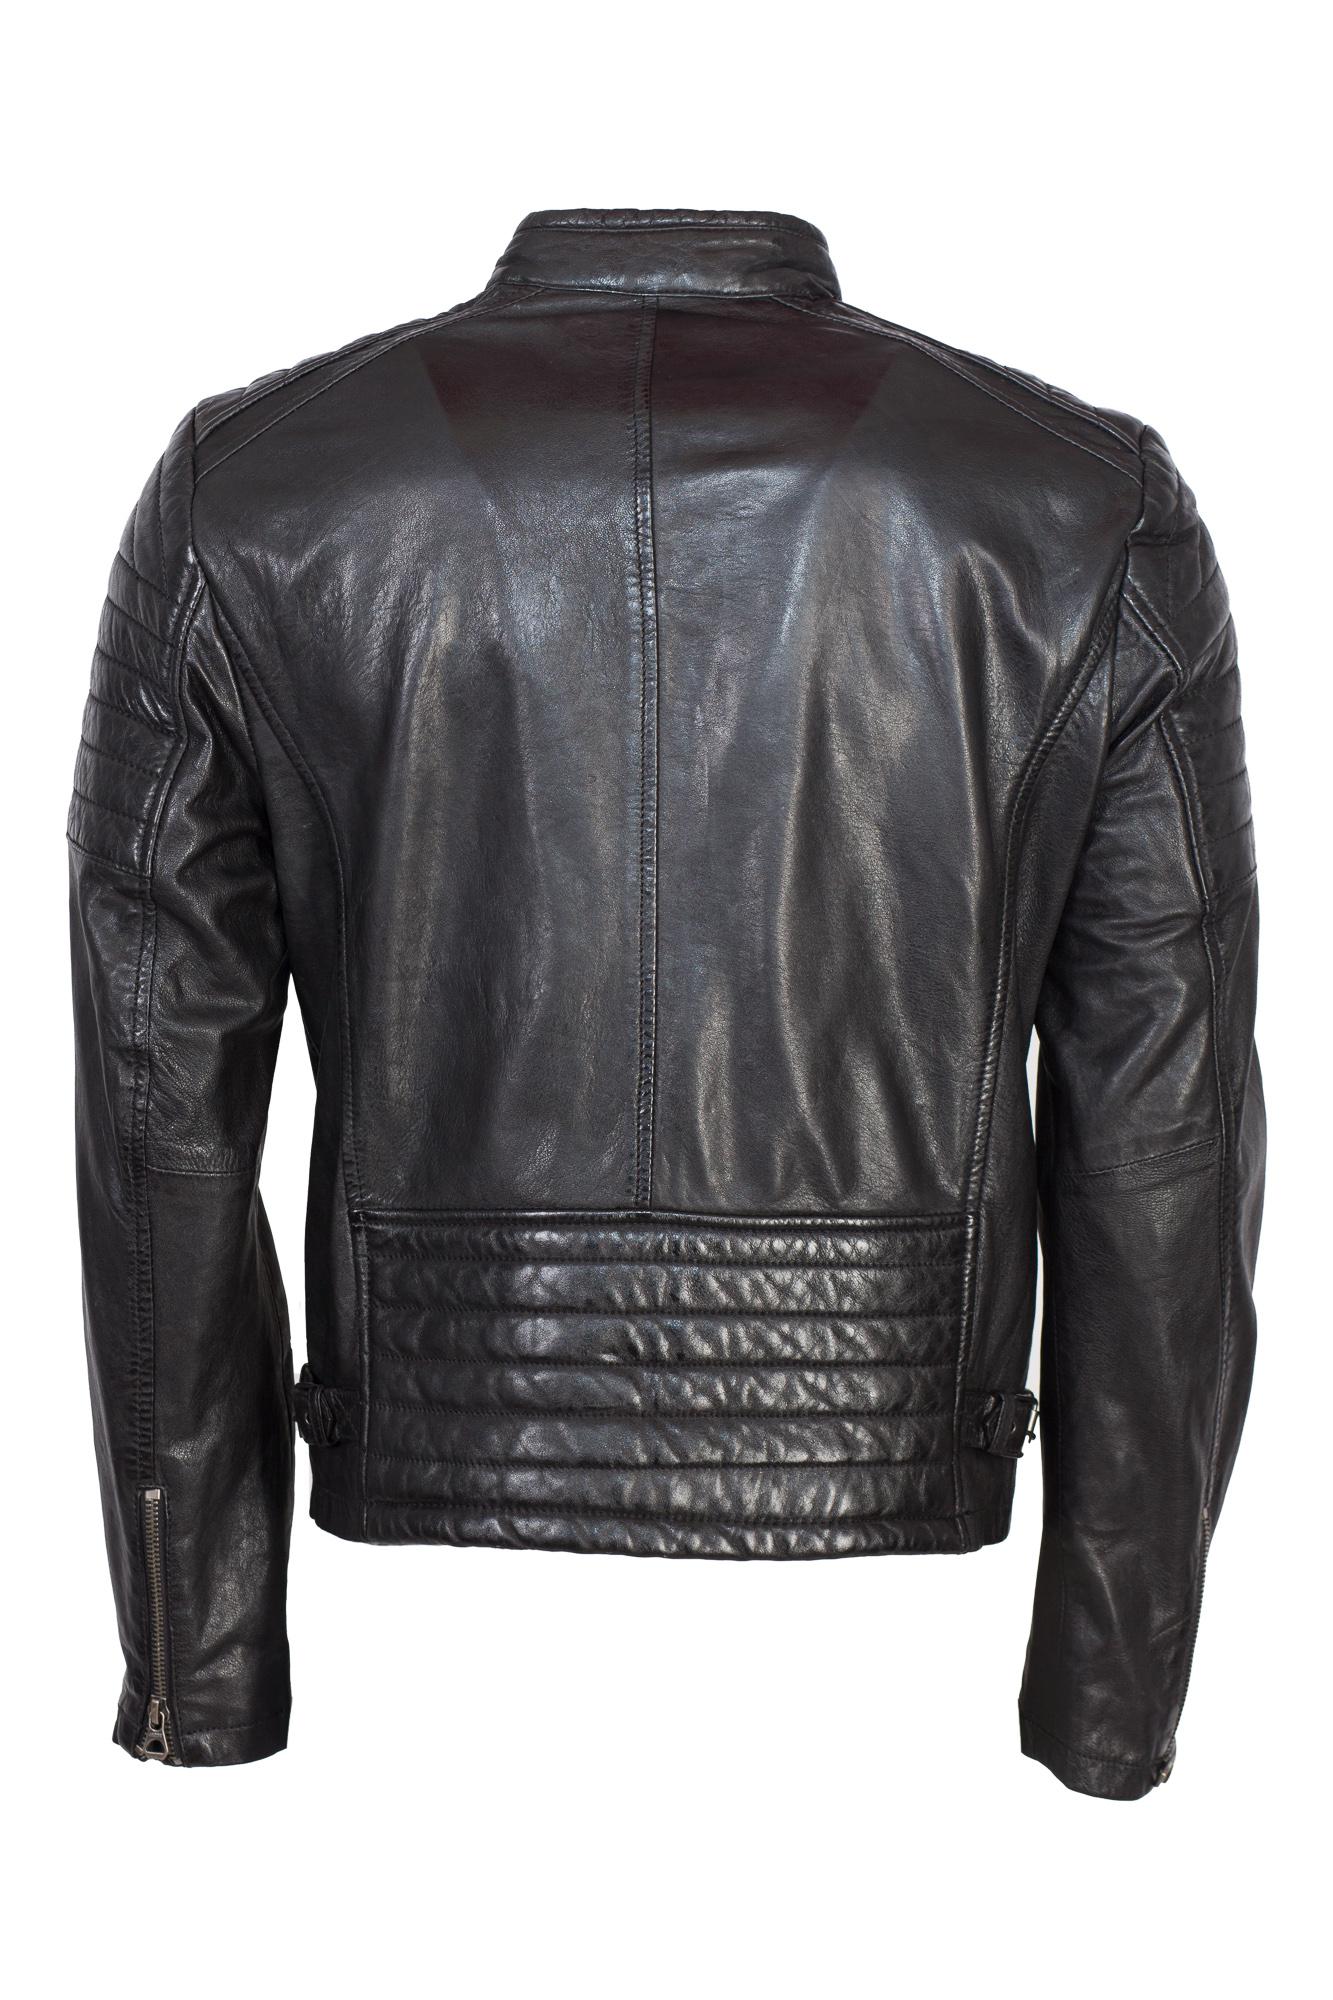 Coole Bikerjacke von Gipsy in schwarz | Lederjacken für